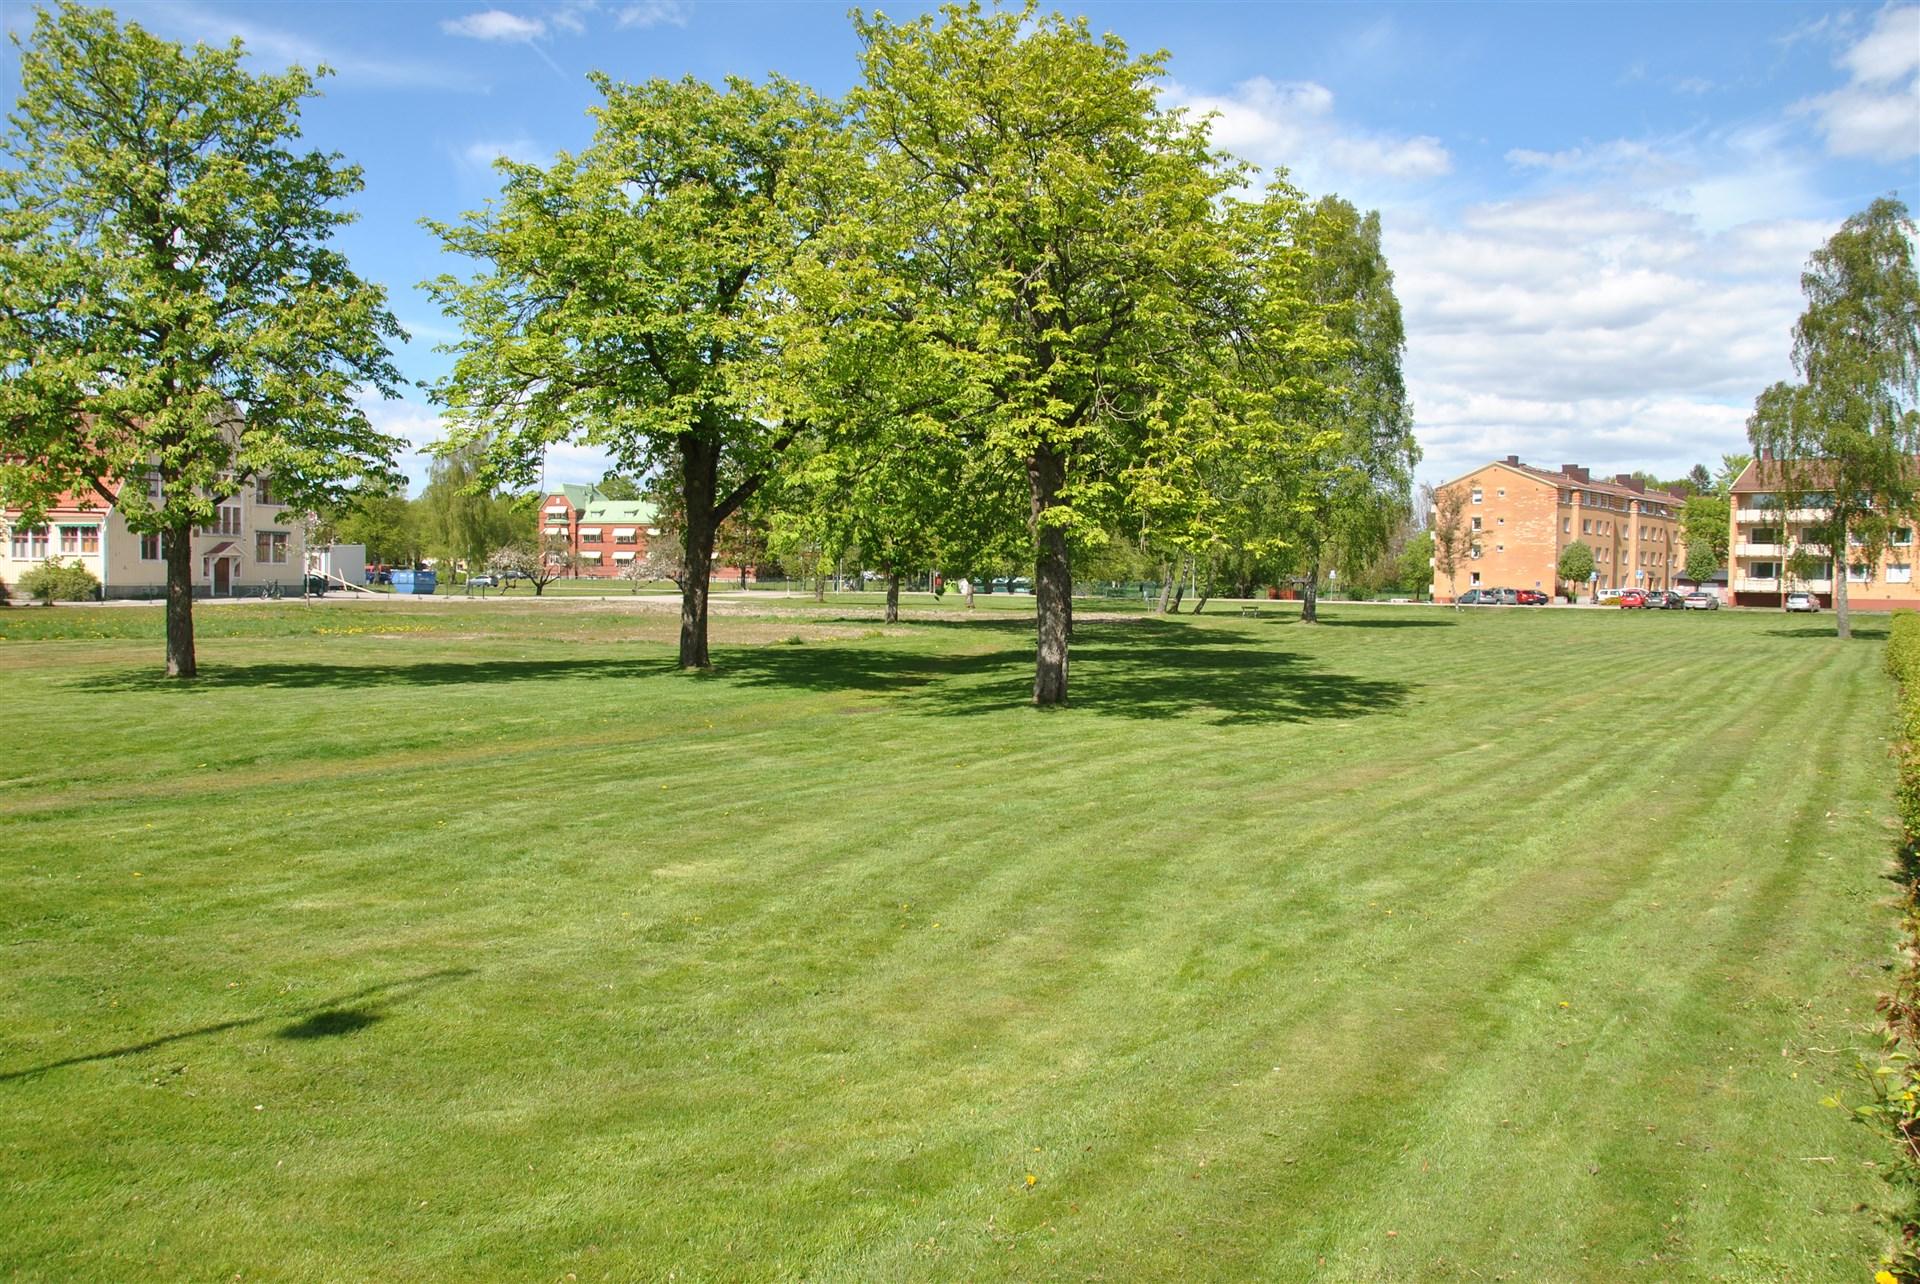 Sommarbild: områdesbild precis utanför lägenheten. Musikskolan i bakgrunden